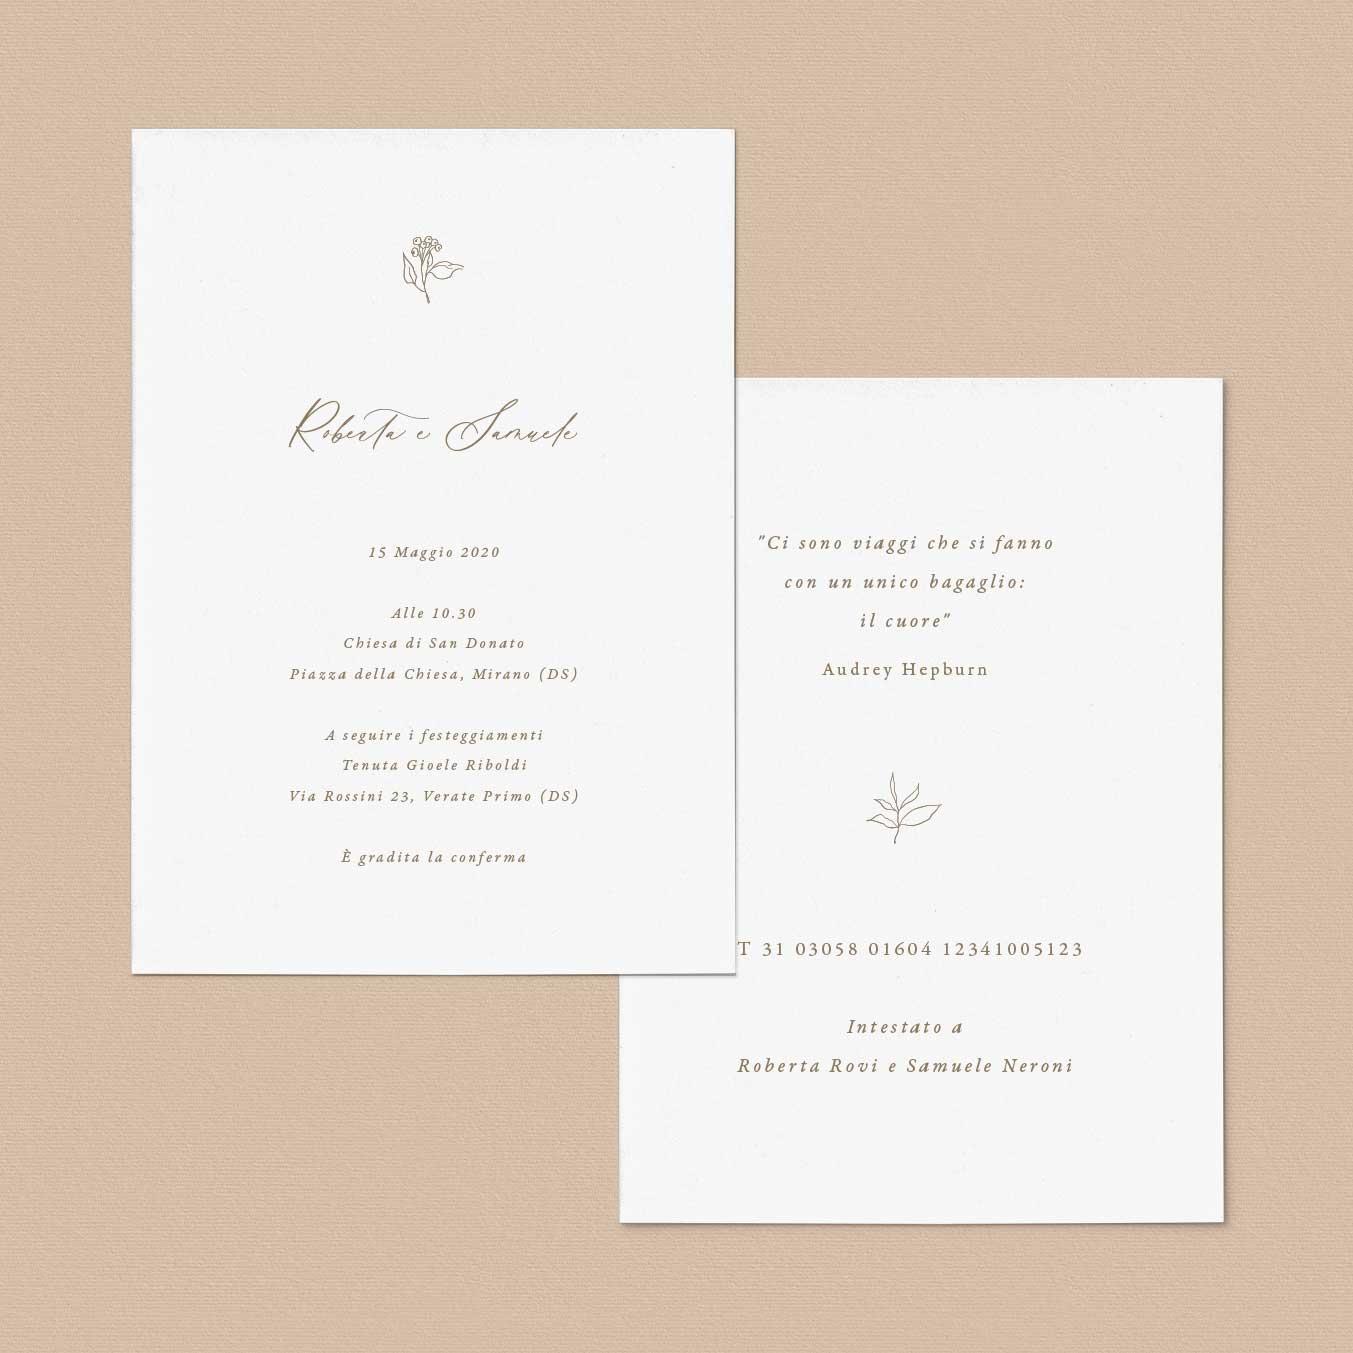 Inviti-matrimonio-partecipazioni-nozze-partecipazione-2020-sposi-catalogo-modelli-natura-fiori-fiore-fiorellini-idea-online-economiche